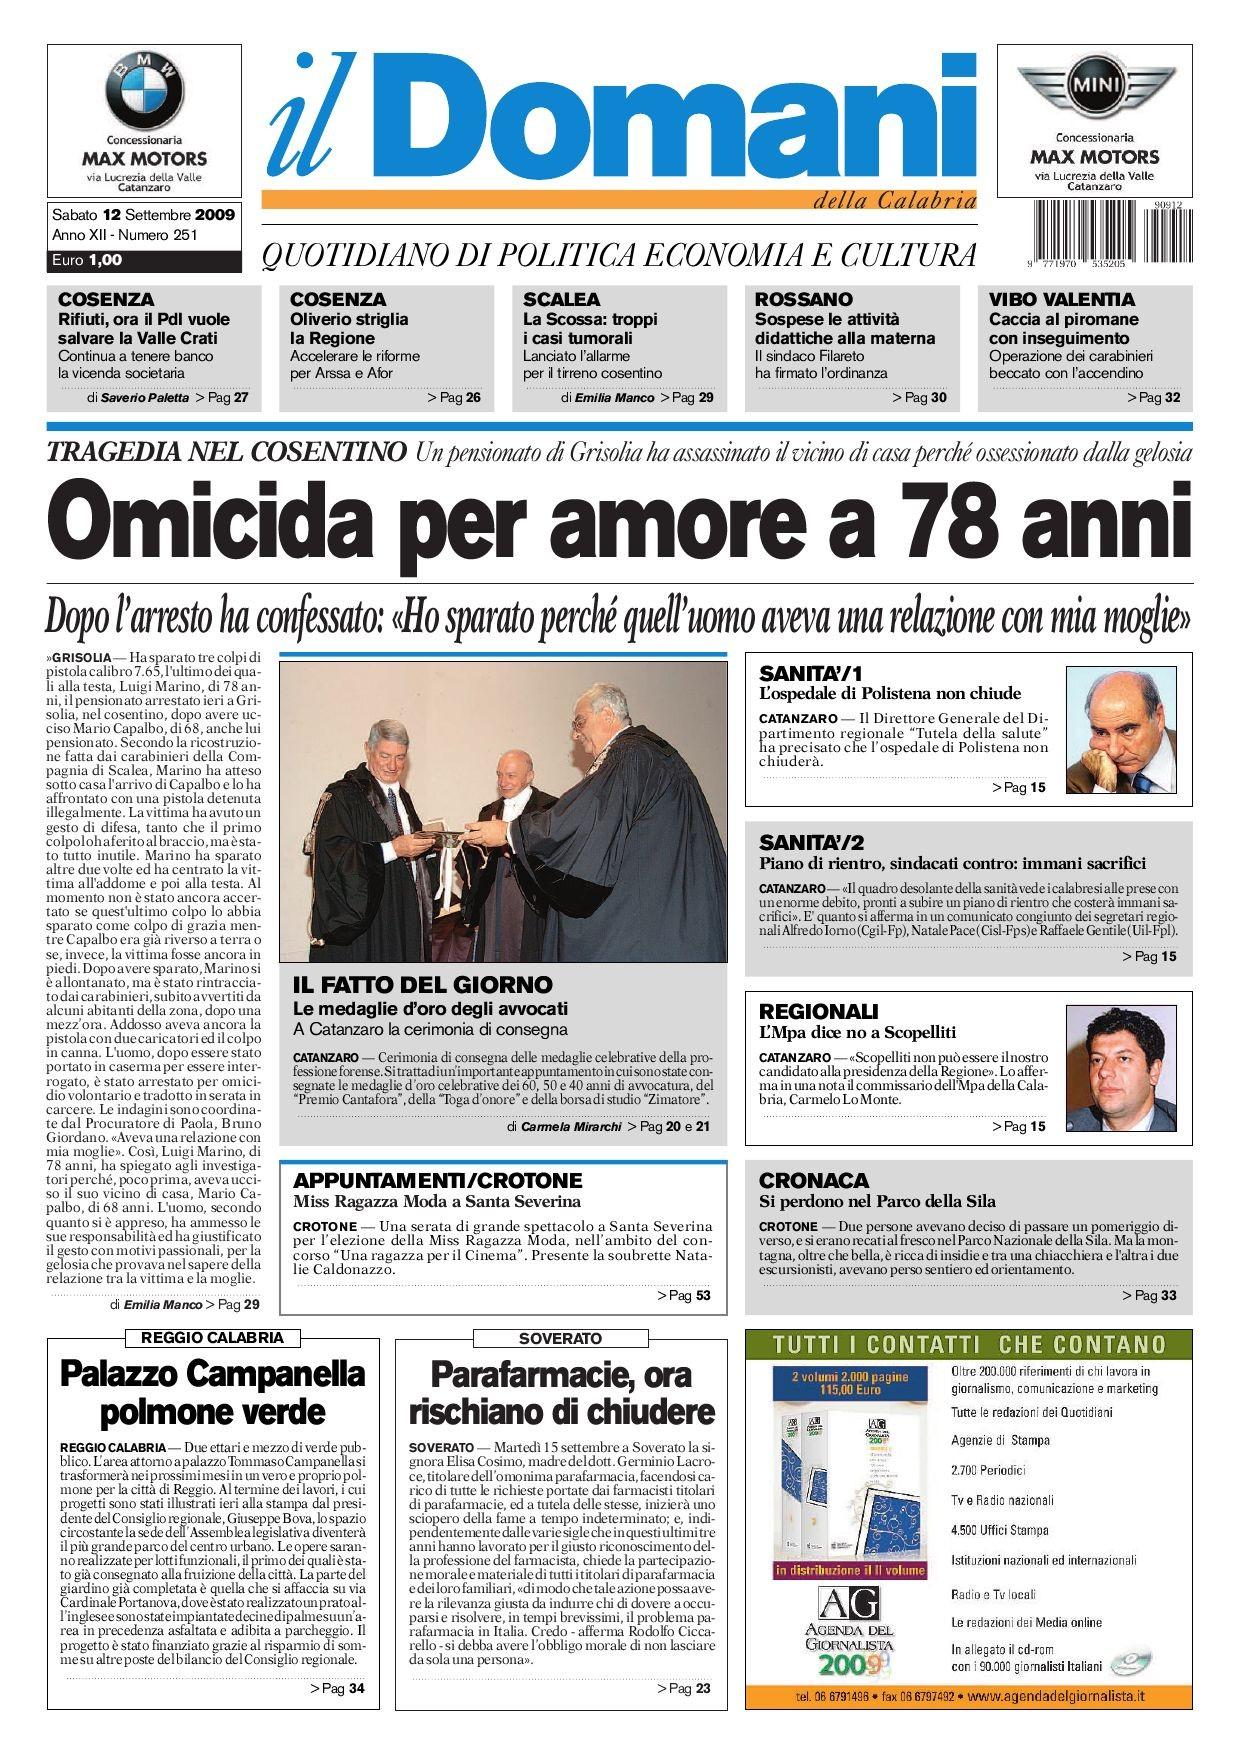 Calendario 2019 Con Festività Cattoliche Más Populares Il Domani by T&p Editori Il Domani issuu Of Calendario 2019 Con Festività Cattoliche Actual Arretrati